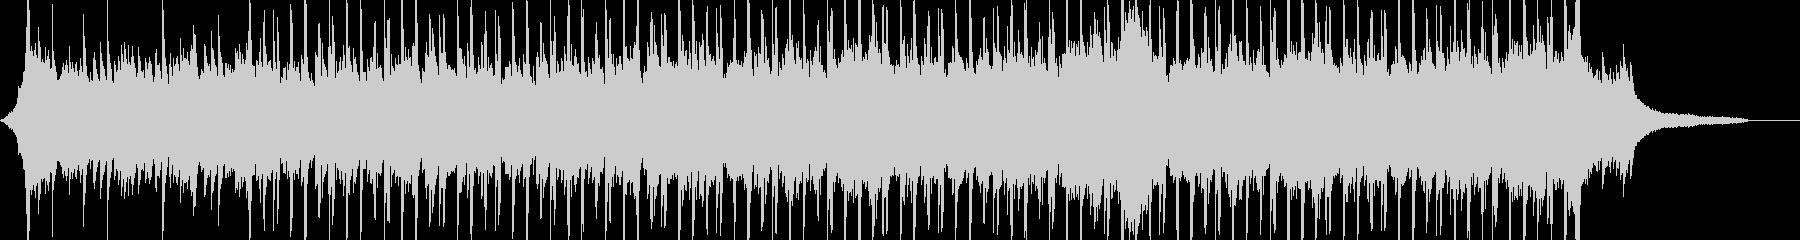 企業VP系48、爽やかピアノ4つ打ちbの未再生の波形